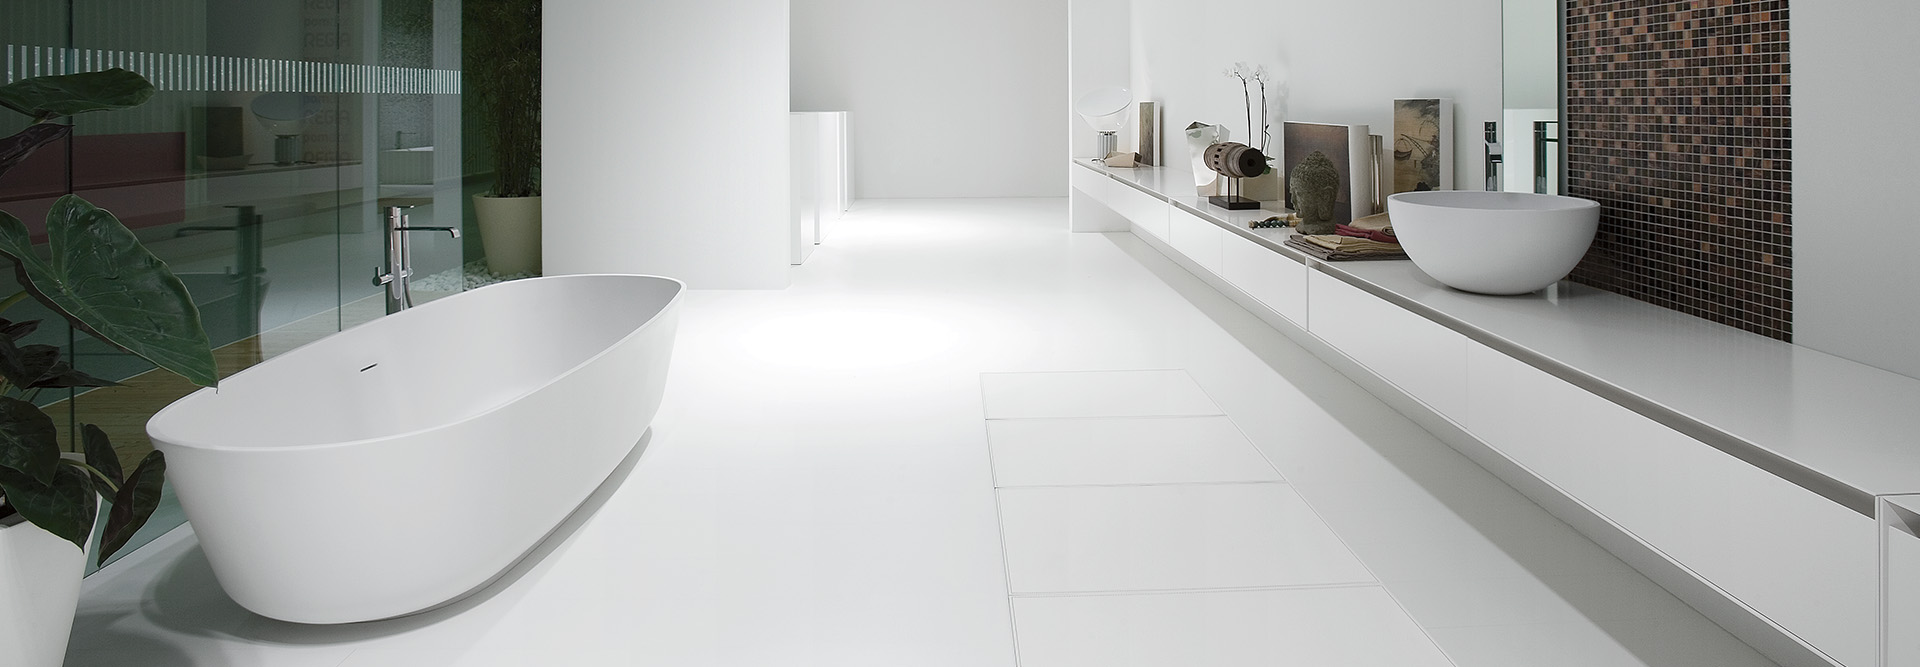 Luxe badkamers - Sjartec - Badkamers, Wellness en Tegels in Leiden